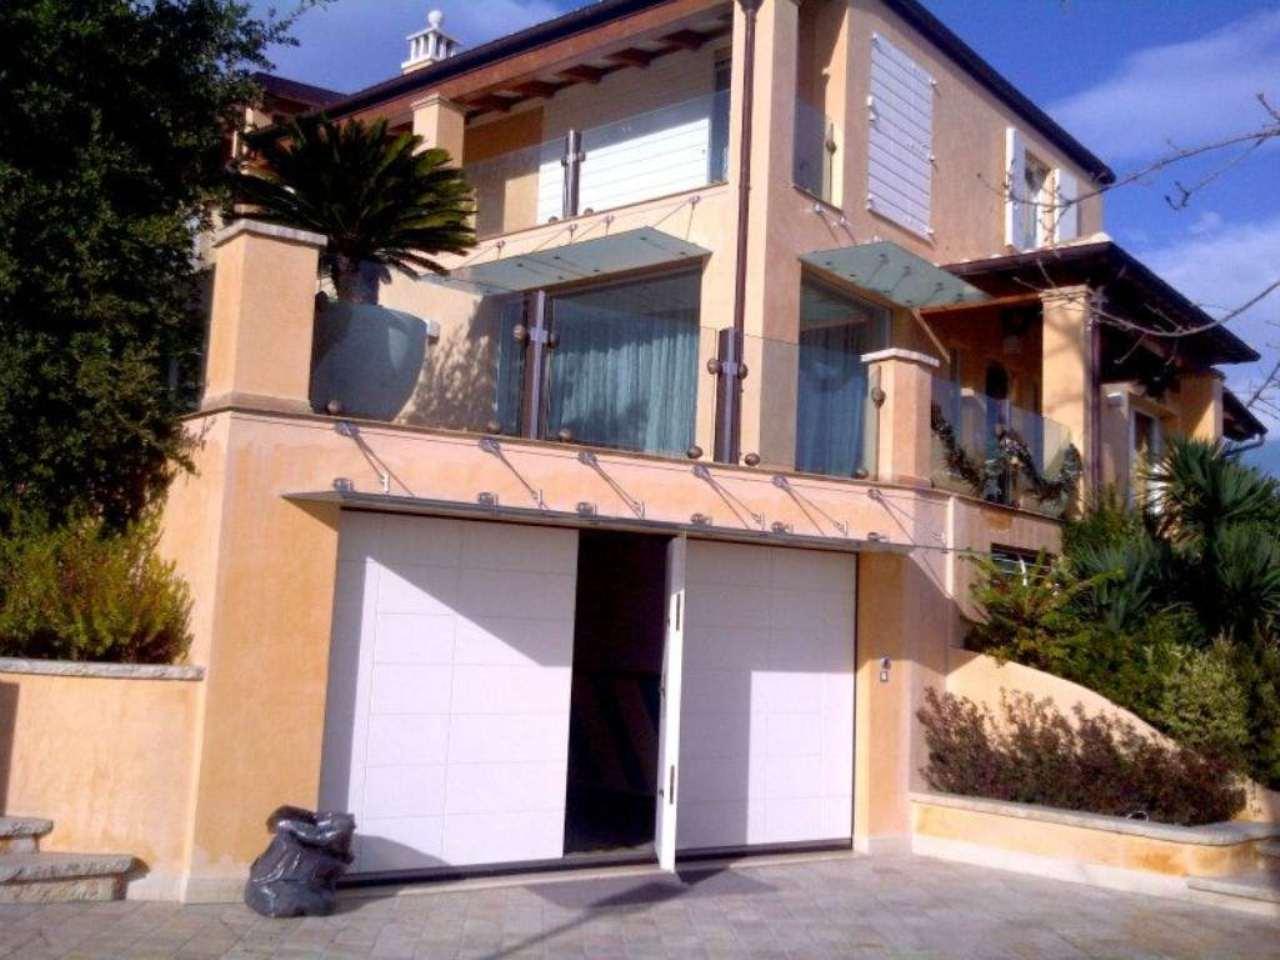 Villa in vendita a Montesilvano, 20 locali, prezzo € 3.200.000 | Cambio Casa.it